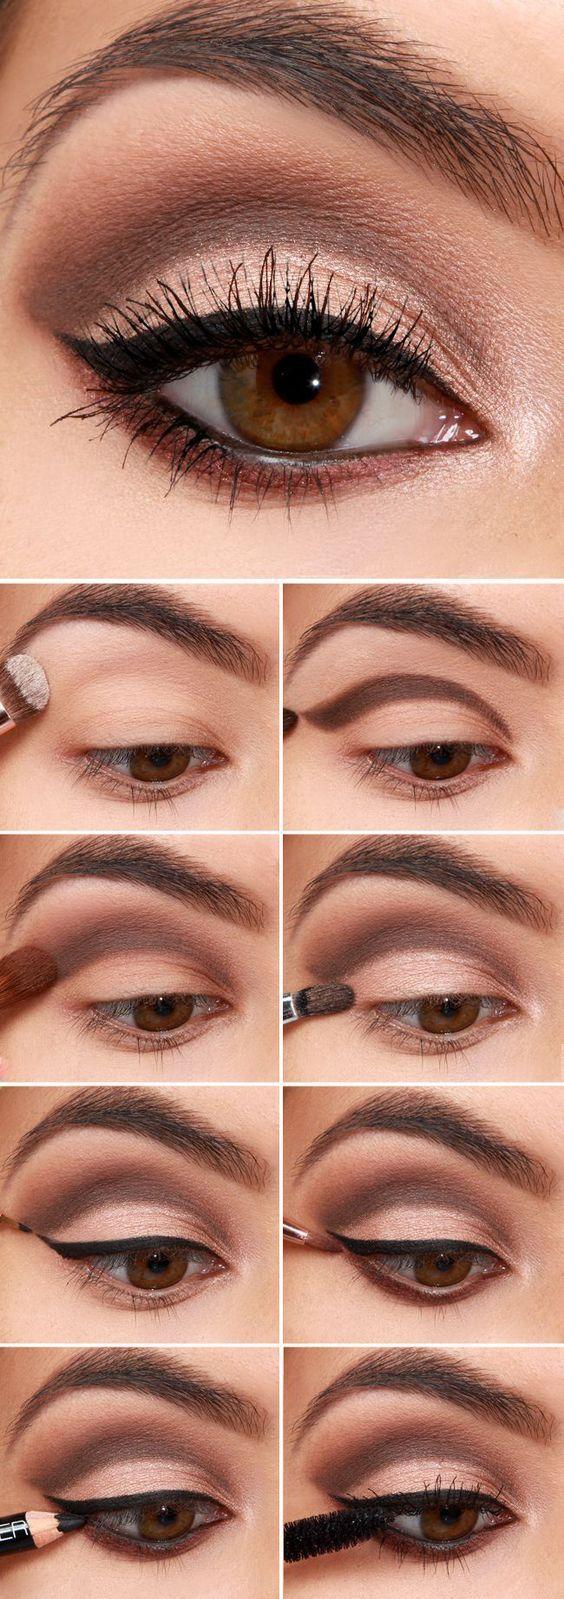 خطوات بسيطة لجمال عيونك : #مرأة #بنات #جمال #ميك_اب #فاشن #عالم_حواء #أزياء #صحة #مكياج #نصائح https://t.co/x9fg6foEwt